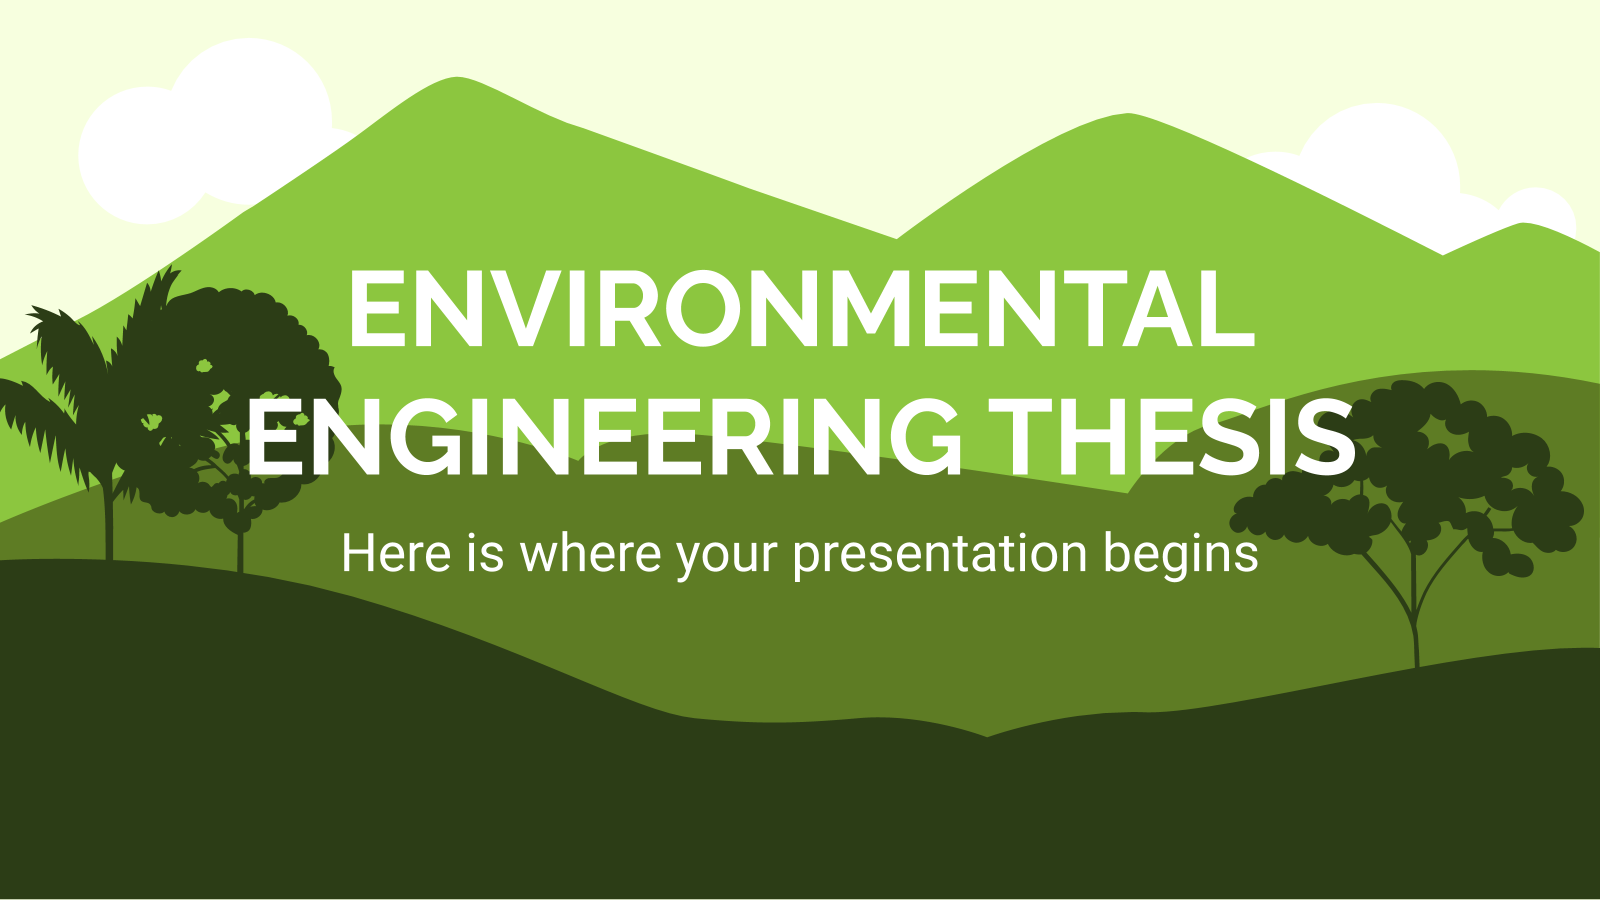 Modelo de apresentação Tese de engenharia ambiental